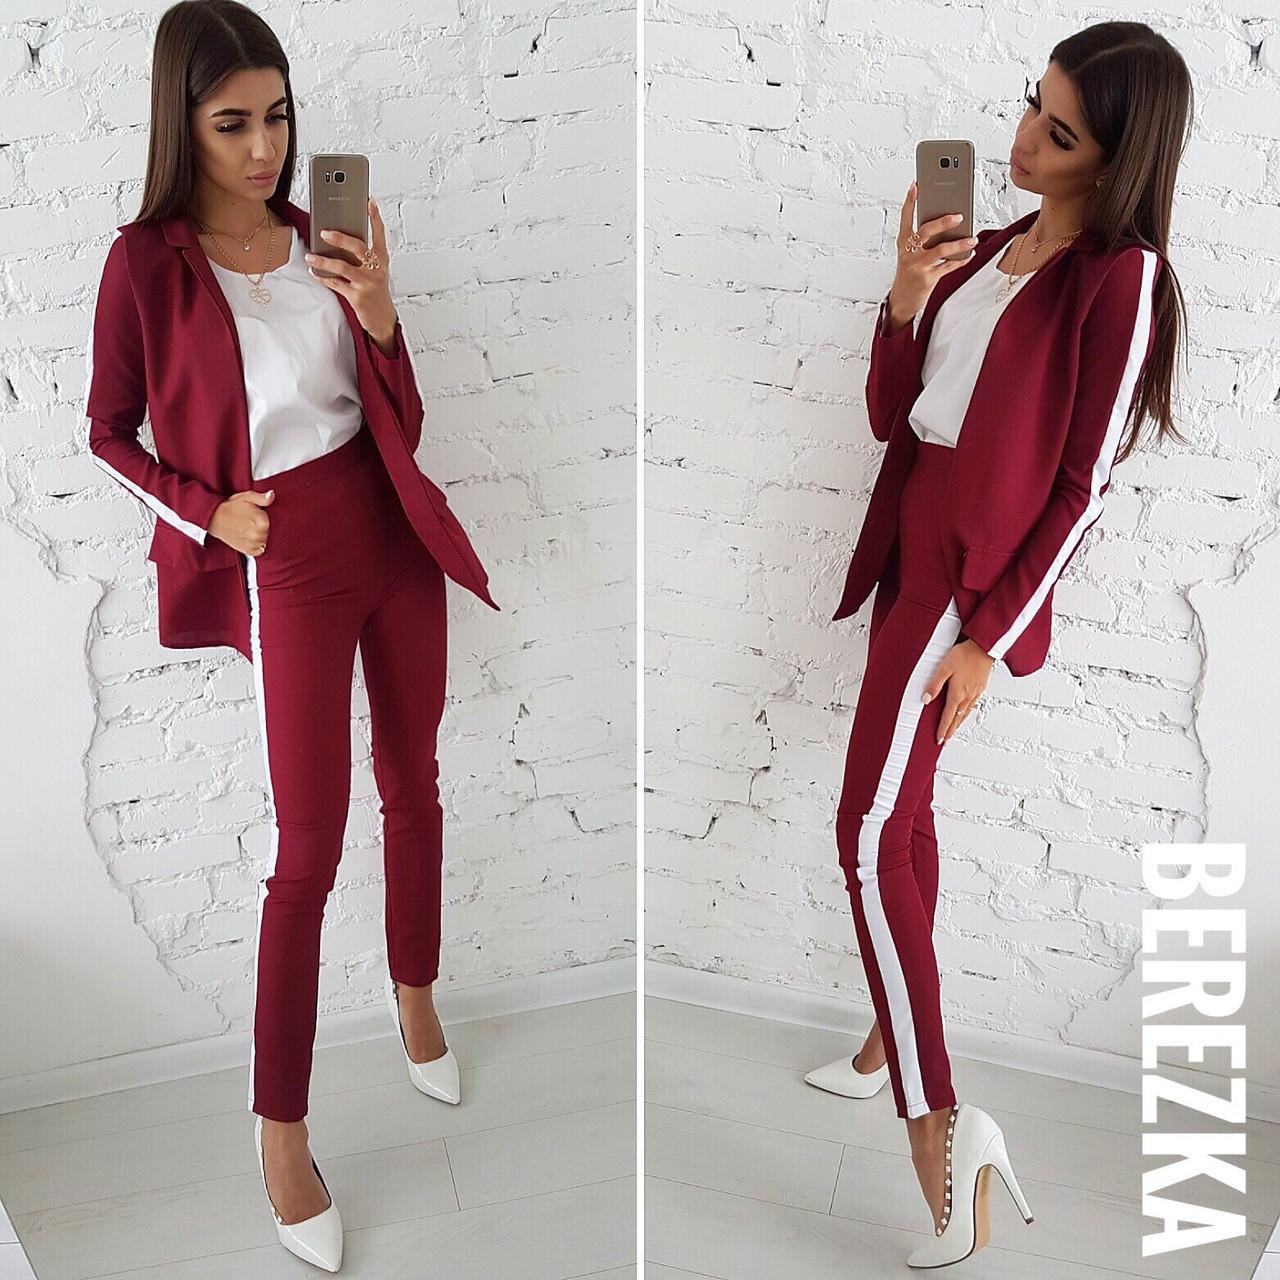 543bb8cc2687 Купить Брючный женский костюм с пиджаком и лампасами 6610716 540 ...